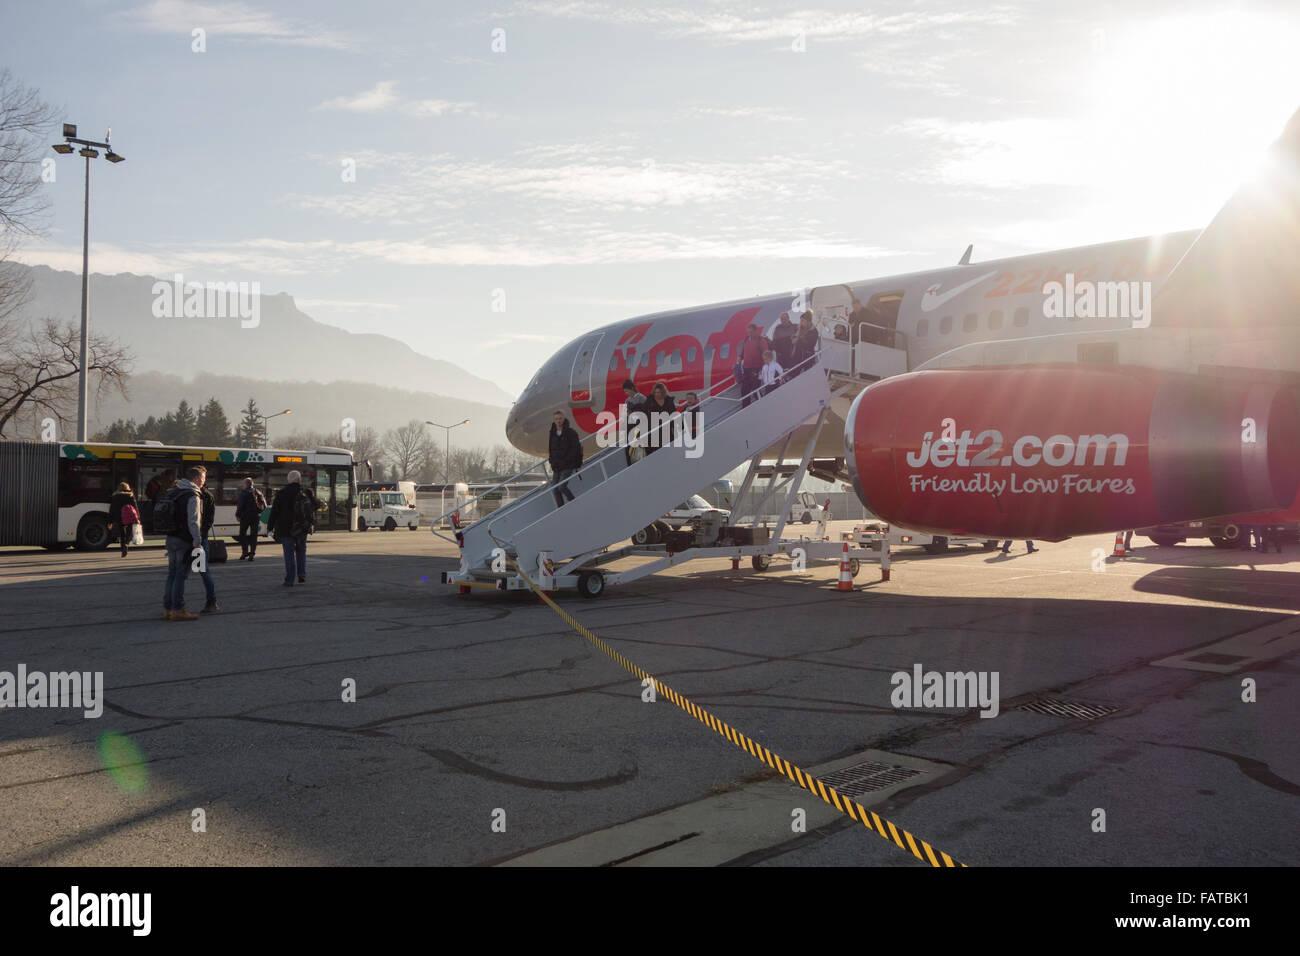 Les passagers débarquant d'avion Jet2 à l'aéroport de Chambéry, France Photo Stock